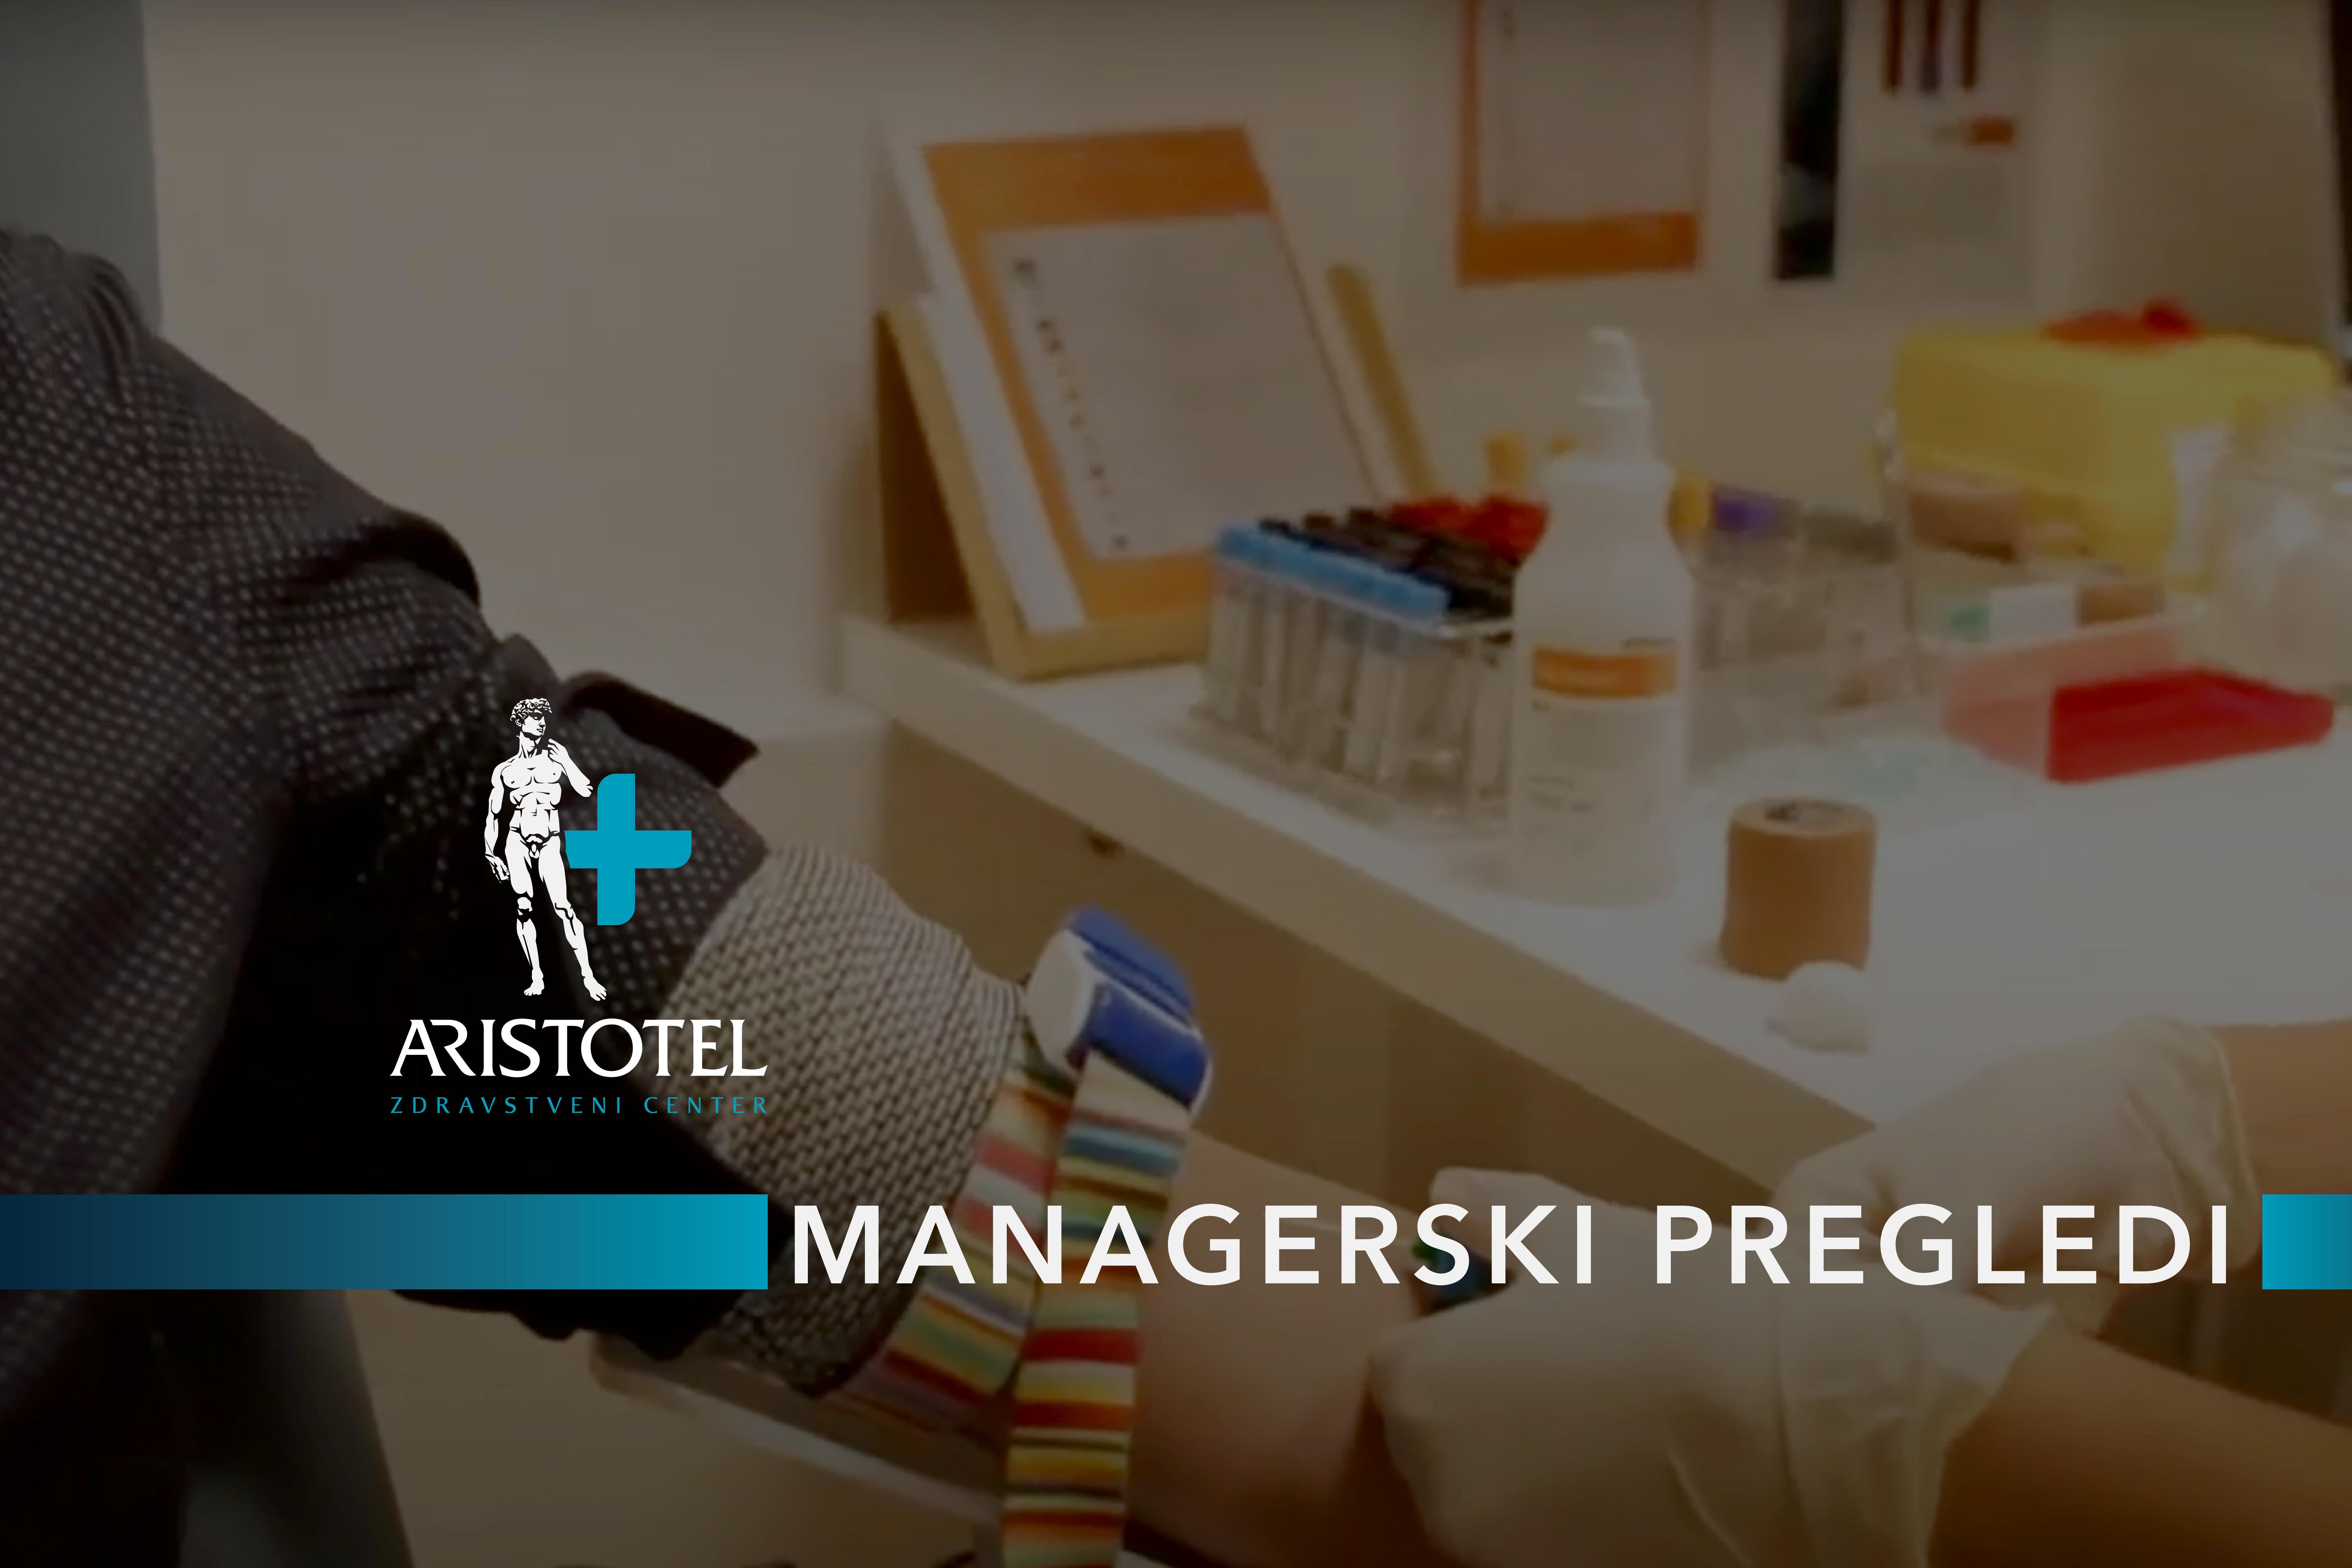 Managerski pregledi 02